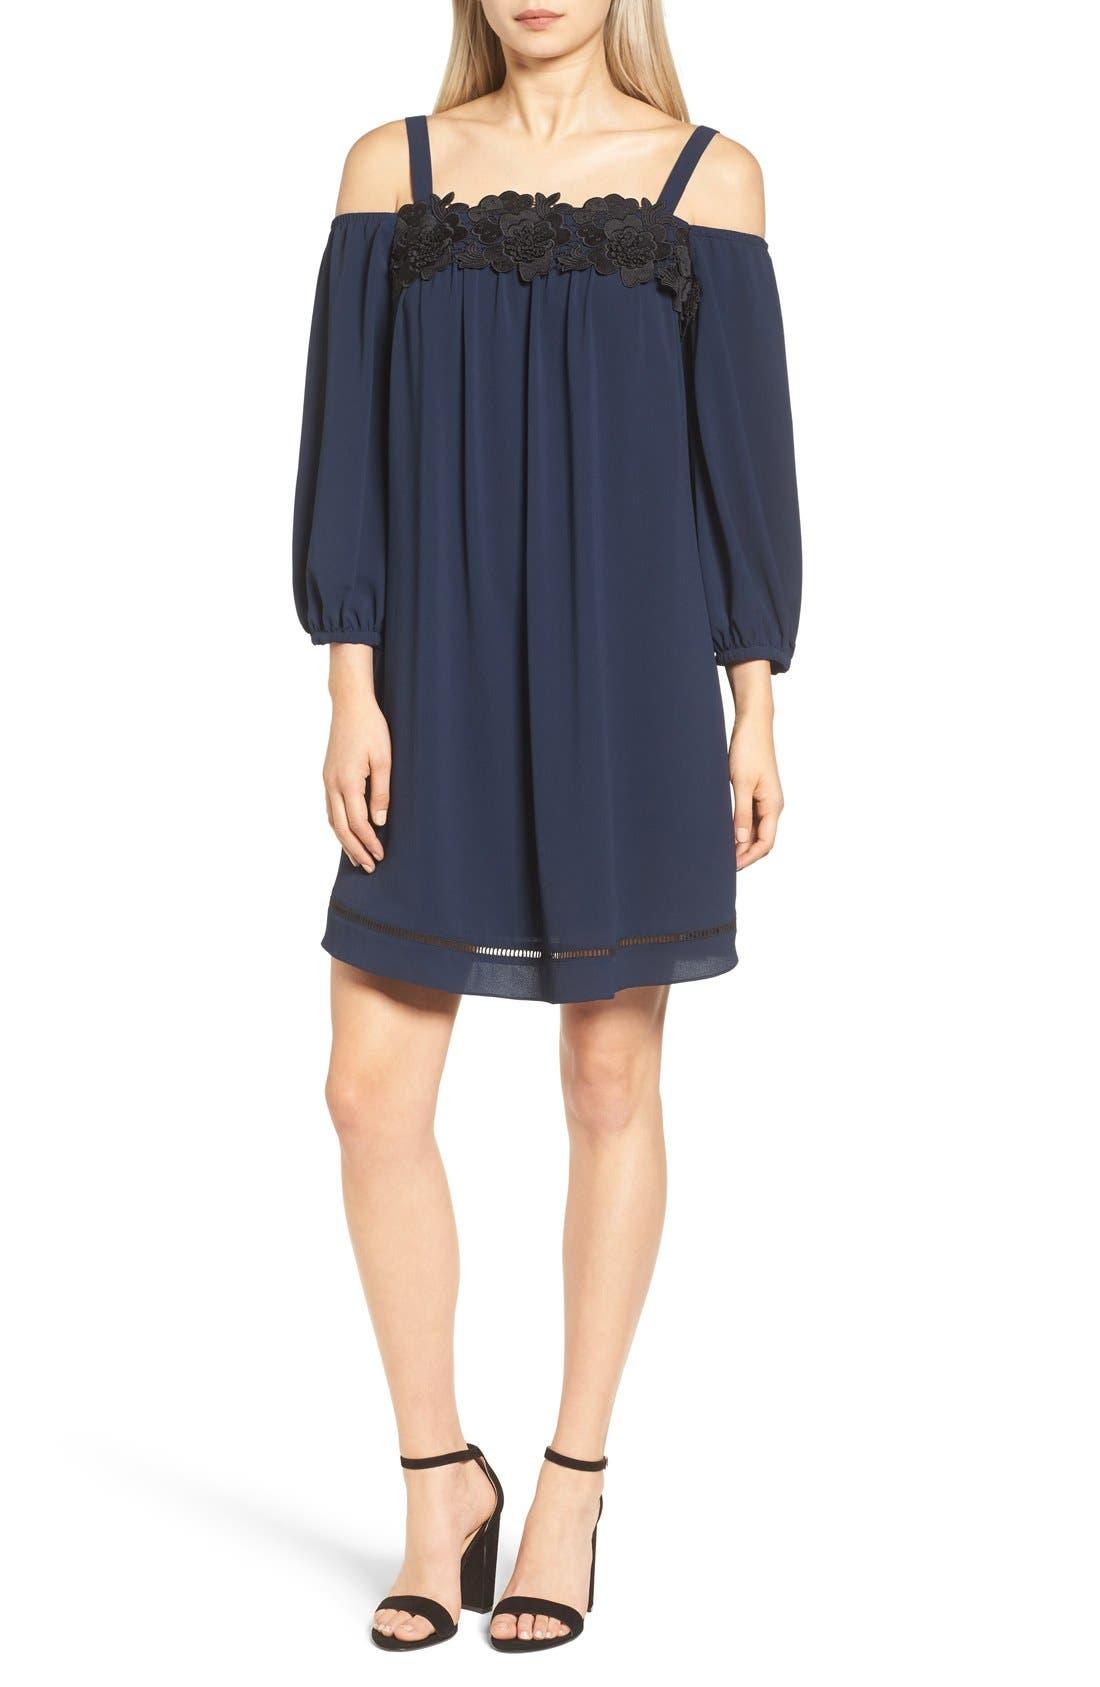 Alternate Image 1 Selected - Chelsea28 Cold Shoulder Dress